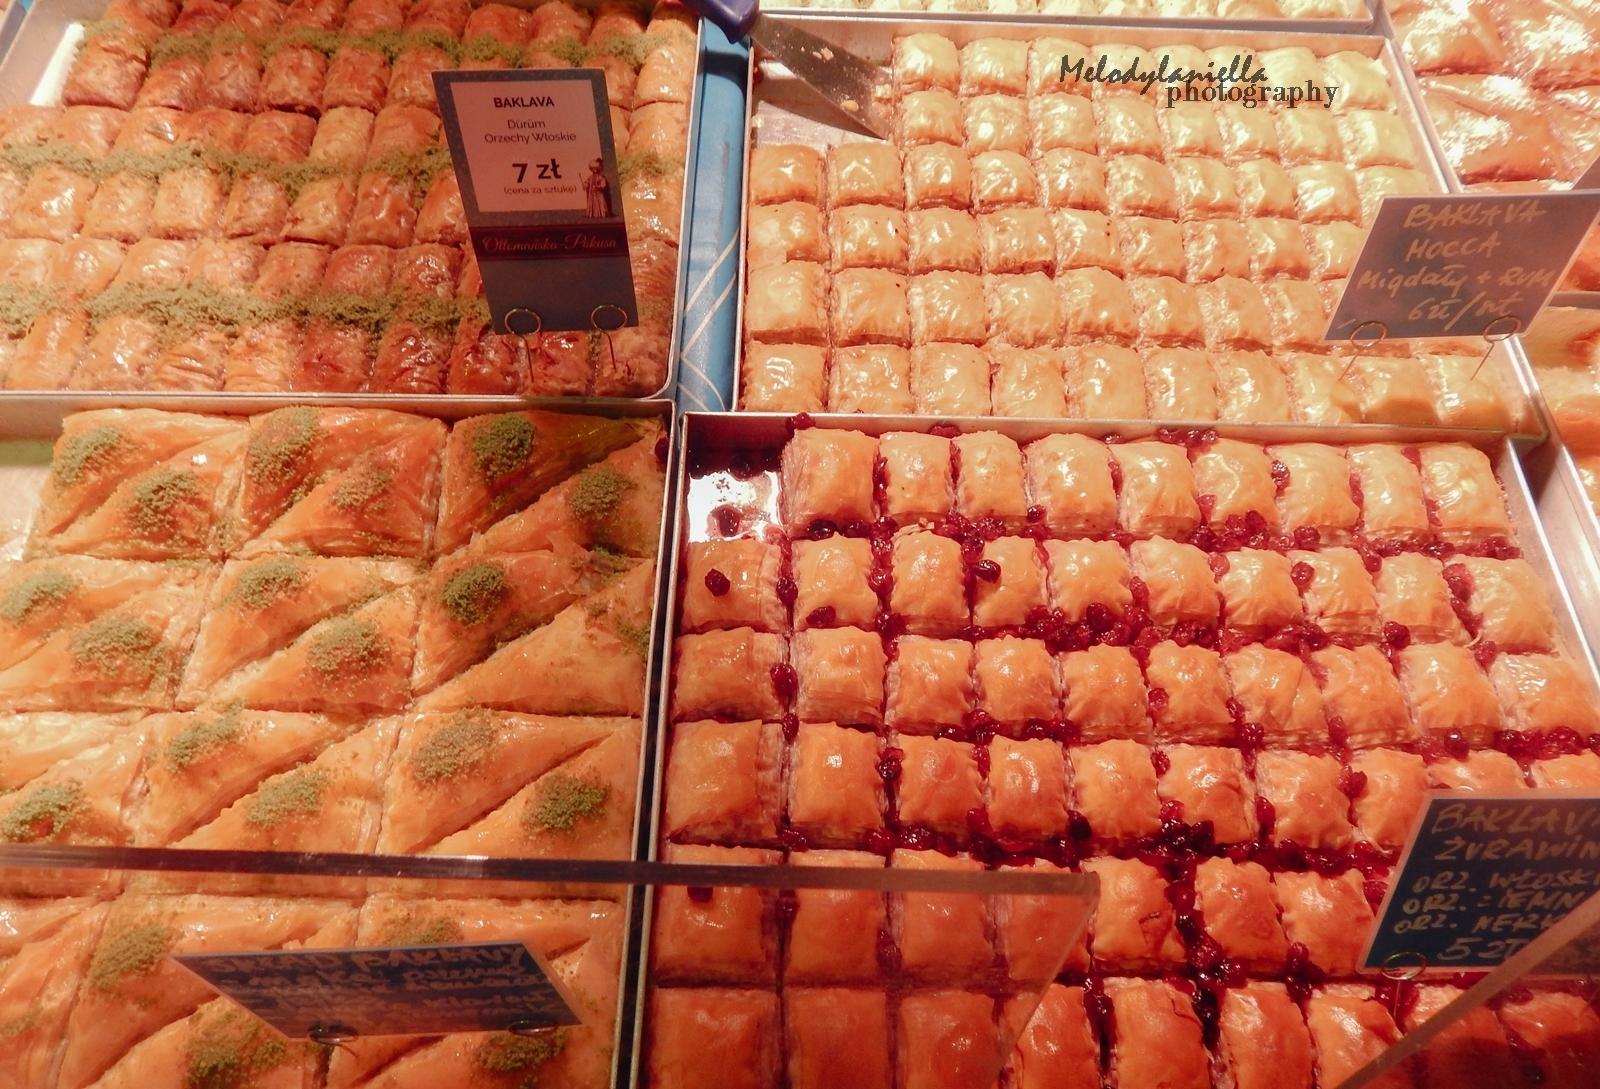 9 street food festival łódź piotrkowska 217 foodtruck jedzenie piwo wino burgery frytki cydr baklava burek kuchnia śródziemnomorska gdzie zjeśc w łodz